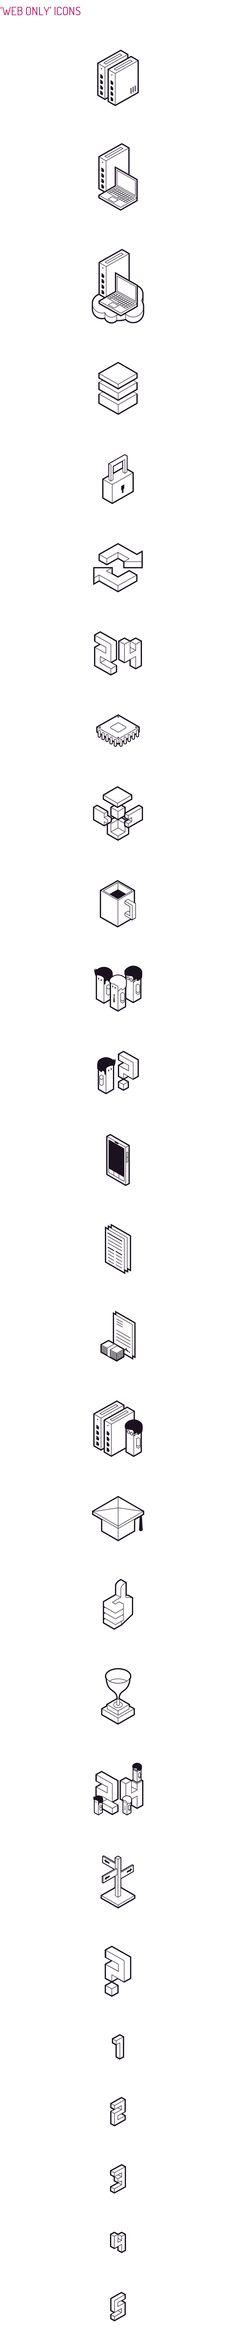 DATERA - Icon Design by Perconte , via Behance